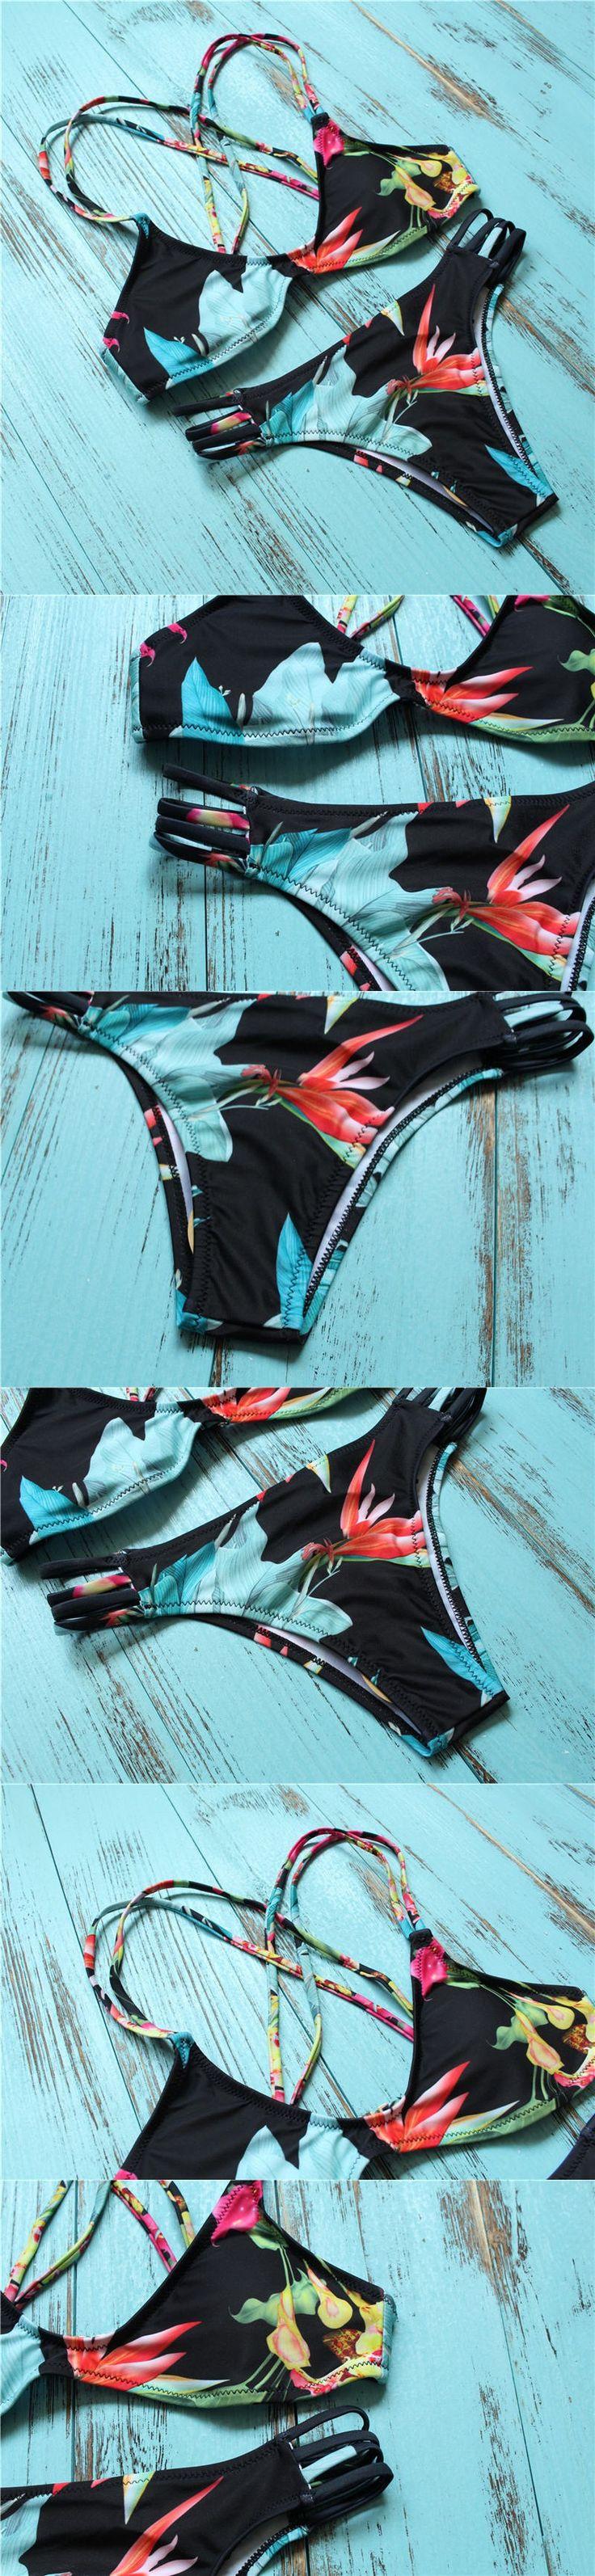 Plavky Brazil 2016 Sport Bikinis Bandage Strappy Bathing Suit Micro Mini Thong Swimwear Women Bottoms Sets Padded Push Up Bikini $7.36